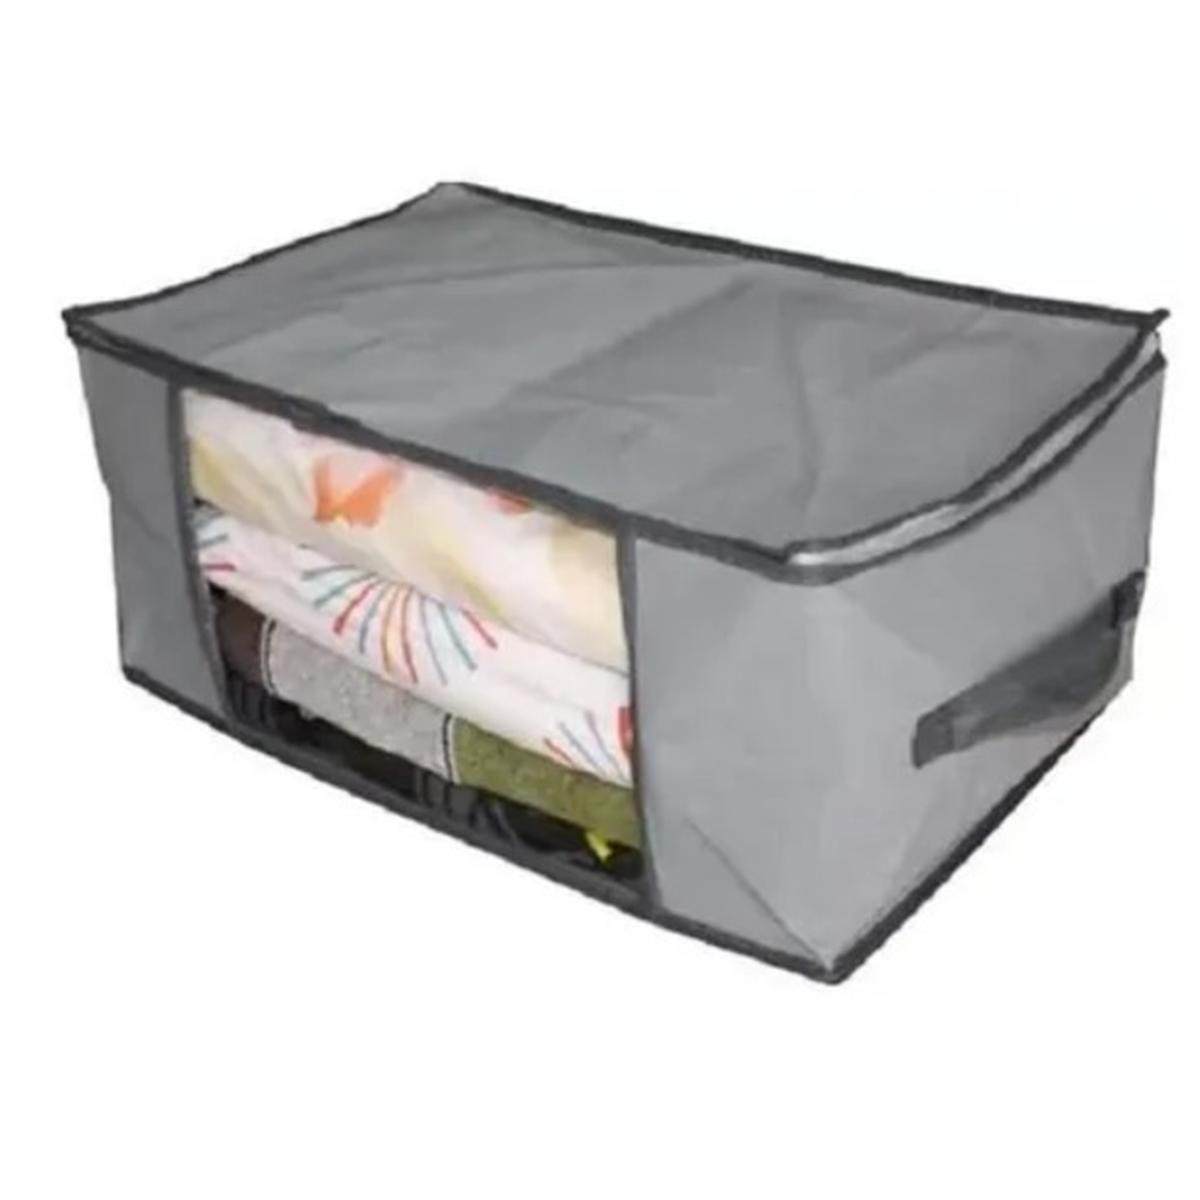 Kit 5 Caixa Organizadora Flexivel de Tecido 60X45 AmiGold - AM-1596-5